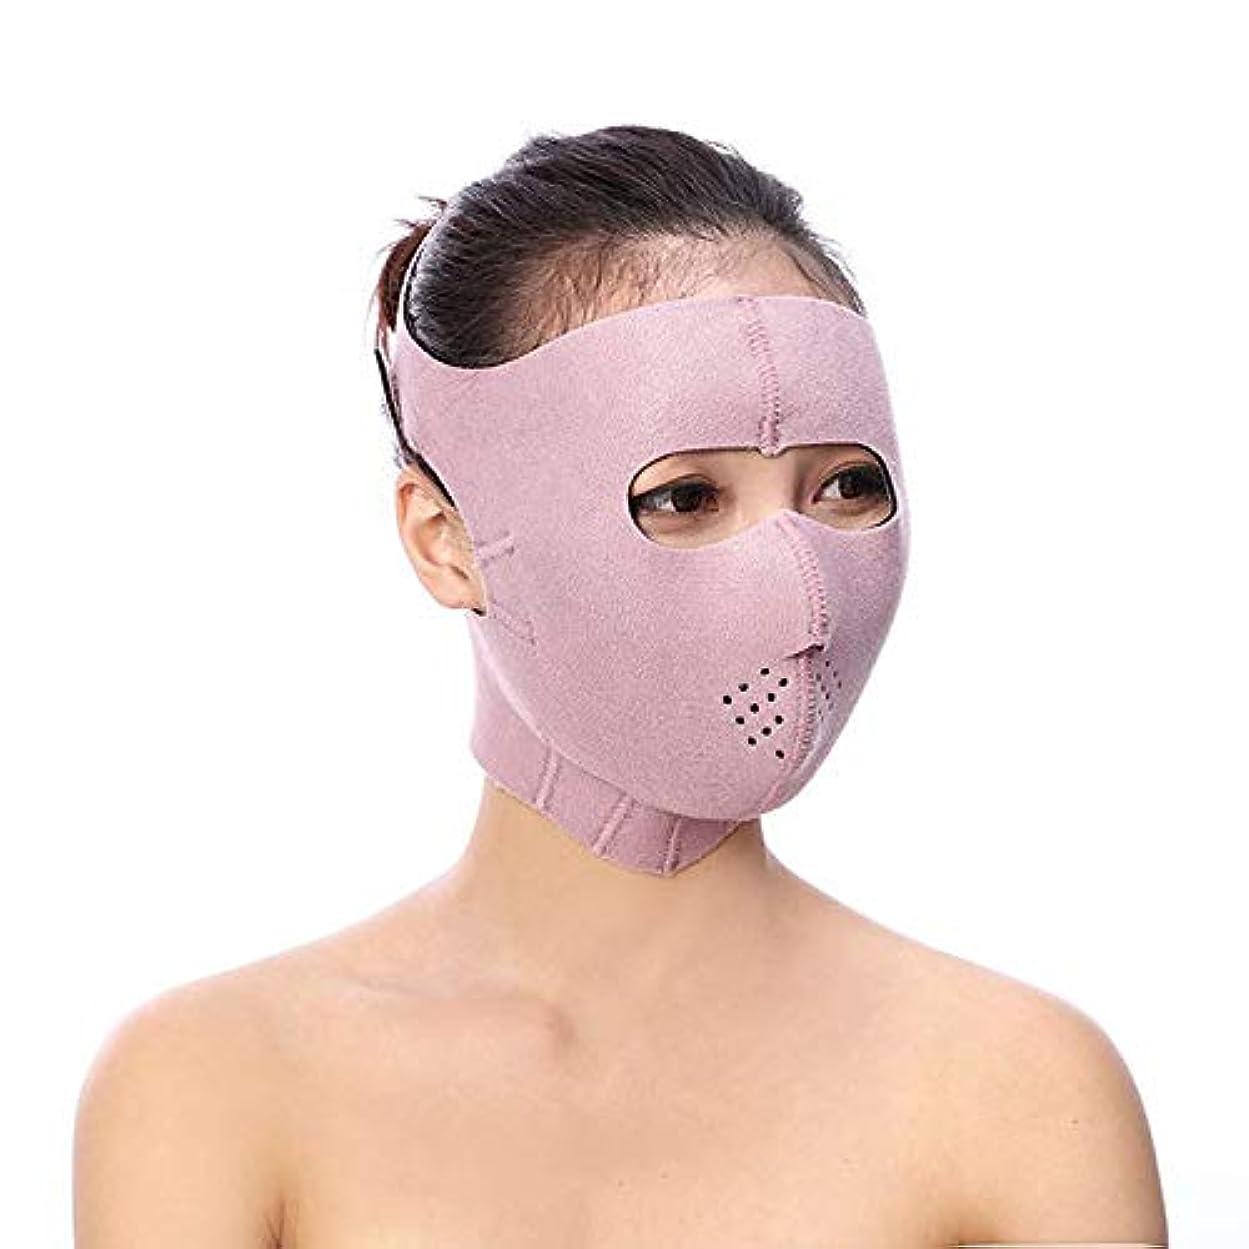 ビバ審判南極XINGZHE フェイシャルリフティング痩身ベルト - Vフェイス包帯マスクフェイシャルマッサージャー無料の薄いフェイス包帯整形マスクを引き締める顔と首の顔スリム フェイスリフティングベルト